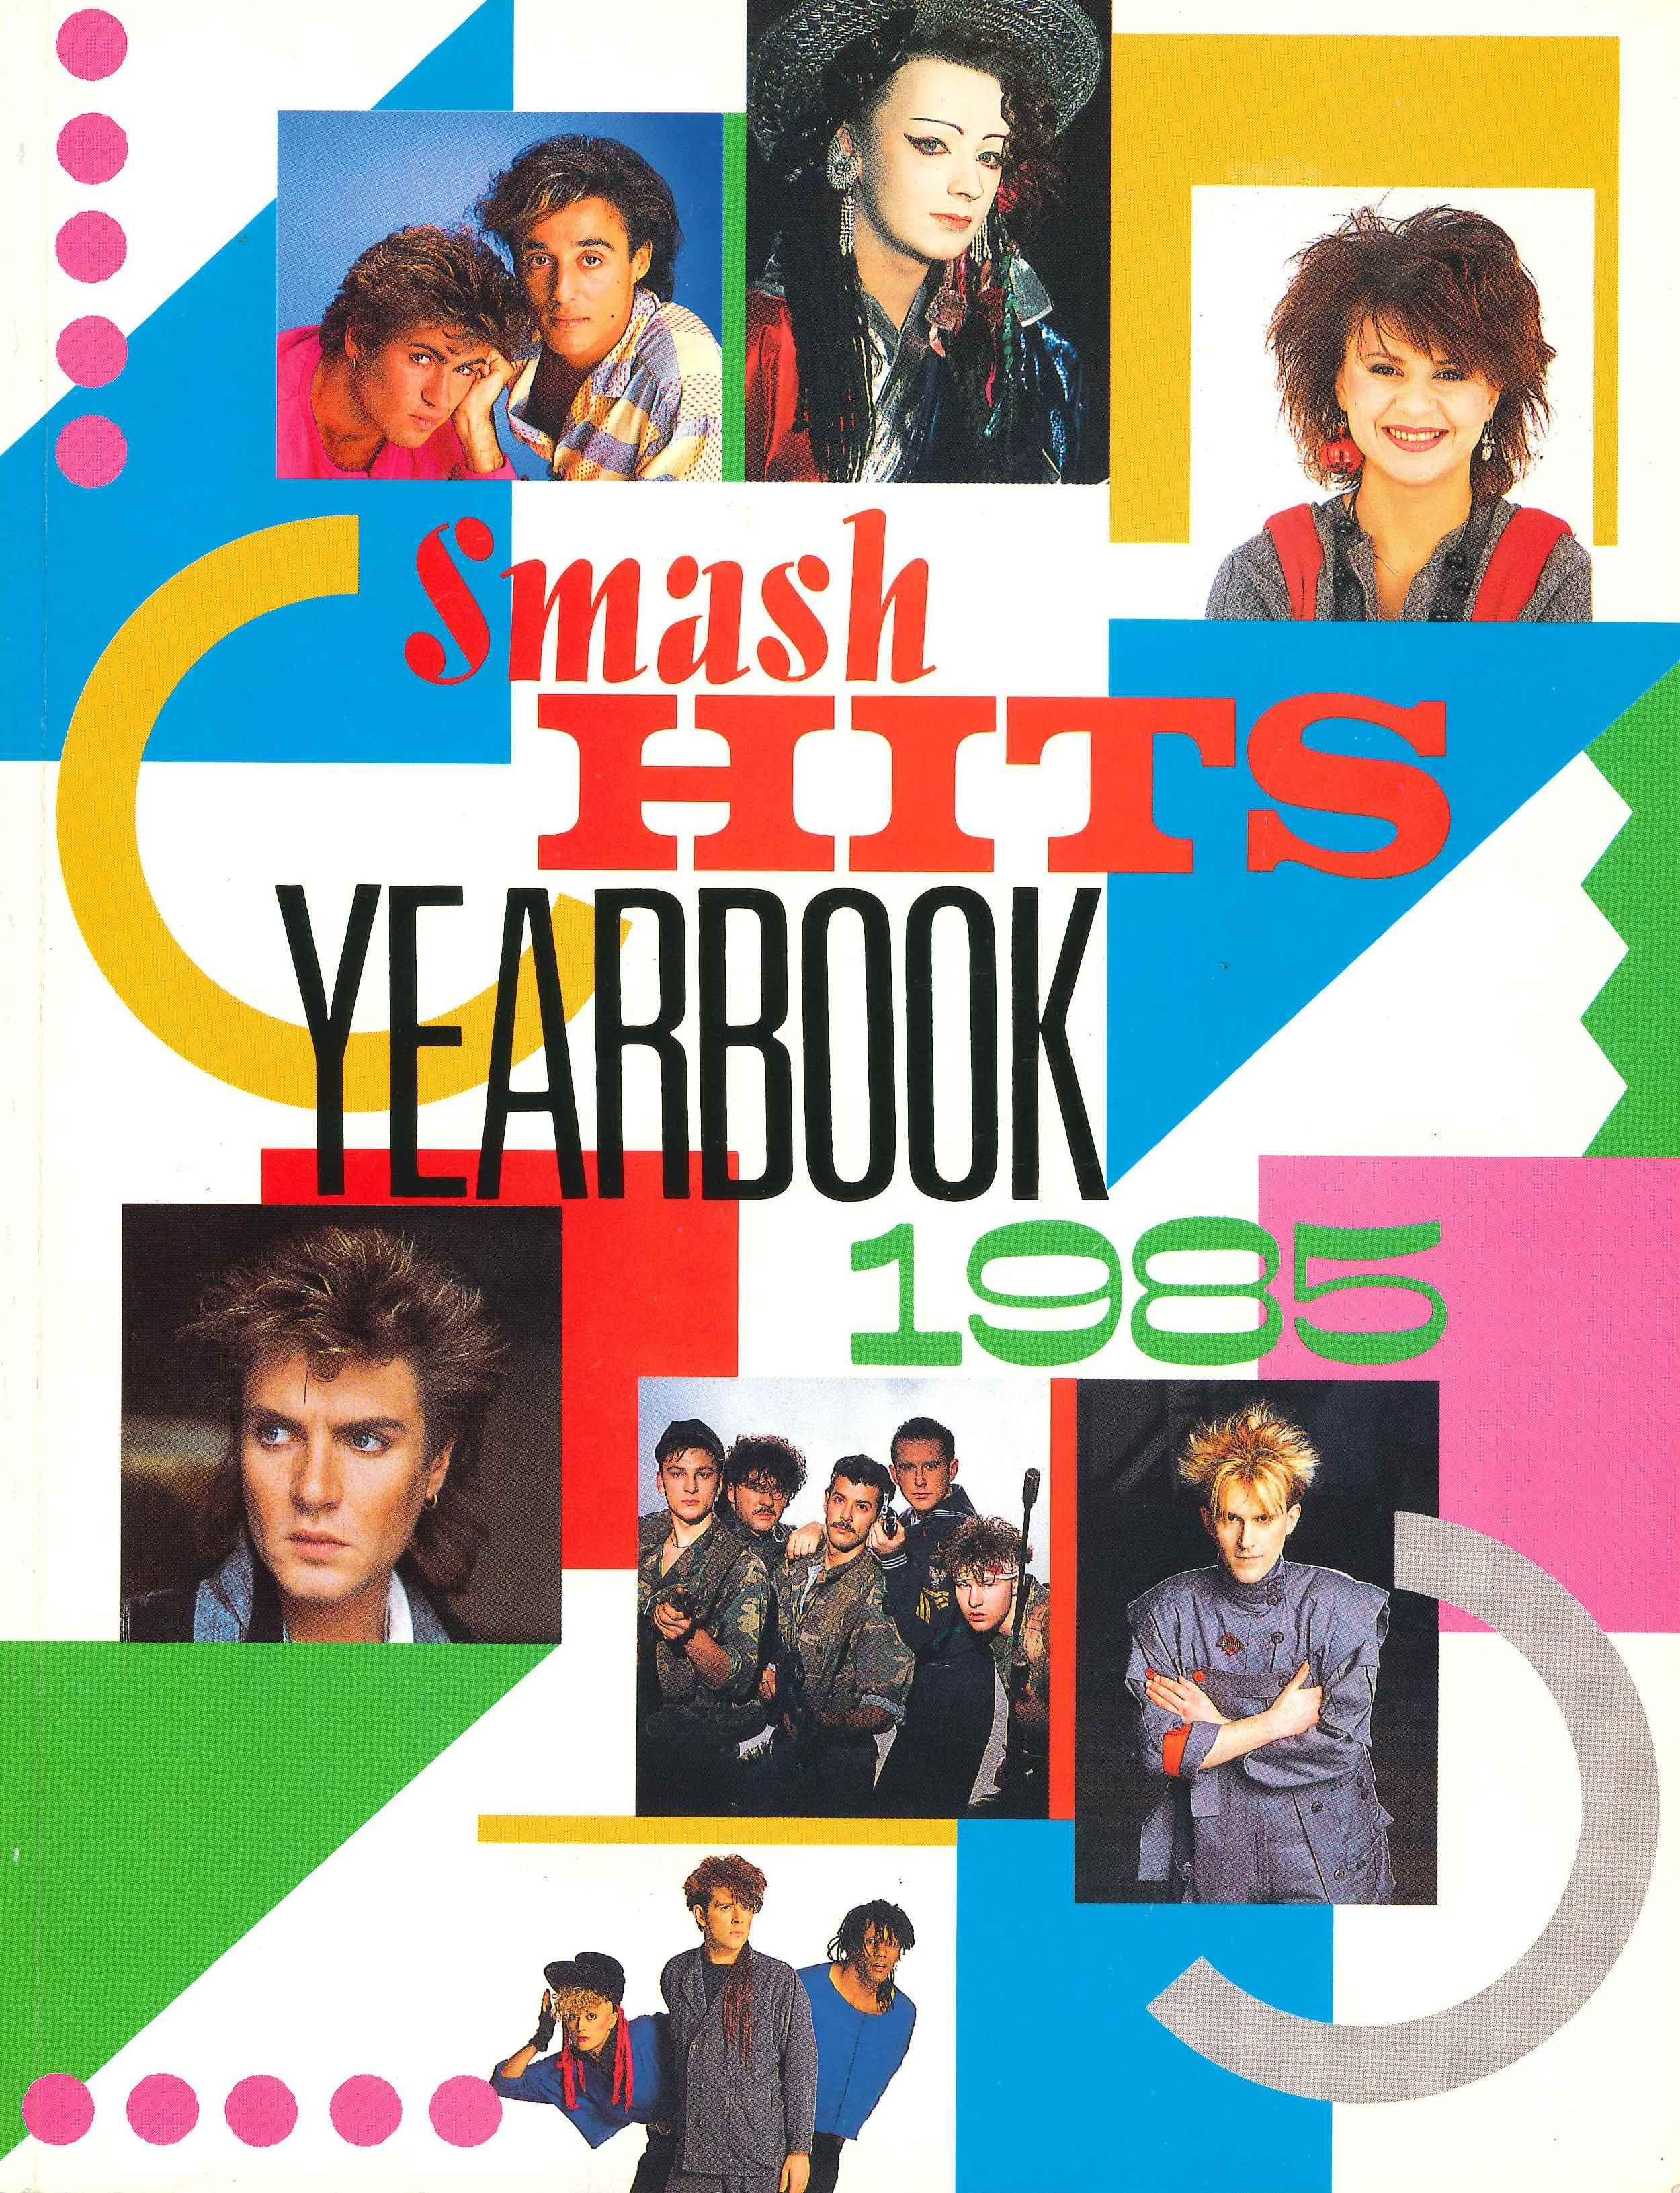 Magazine 19841231 Eurythmics UK Smash Hits Year